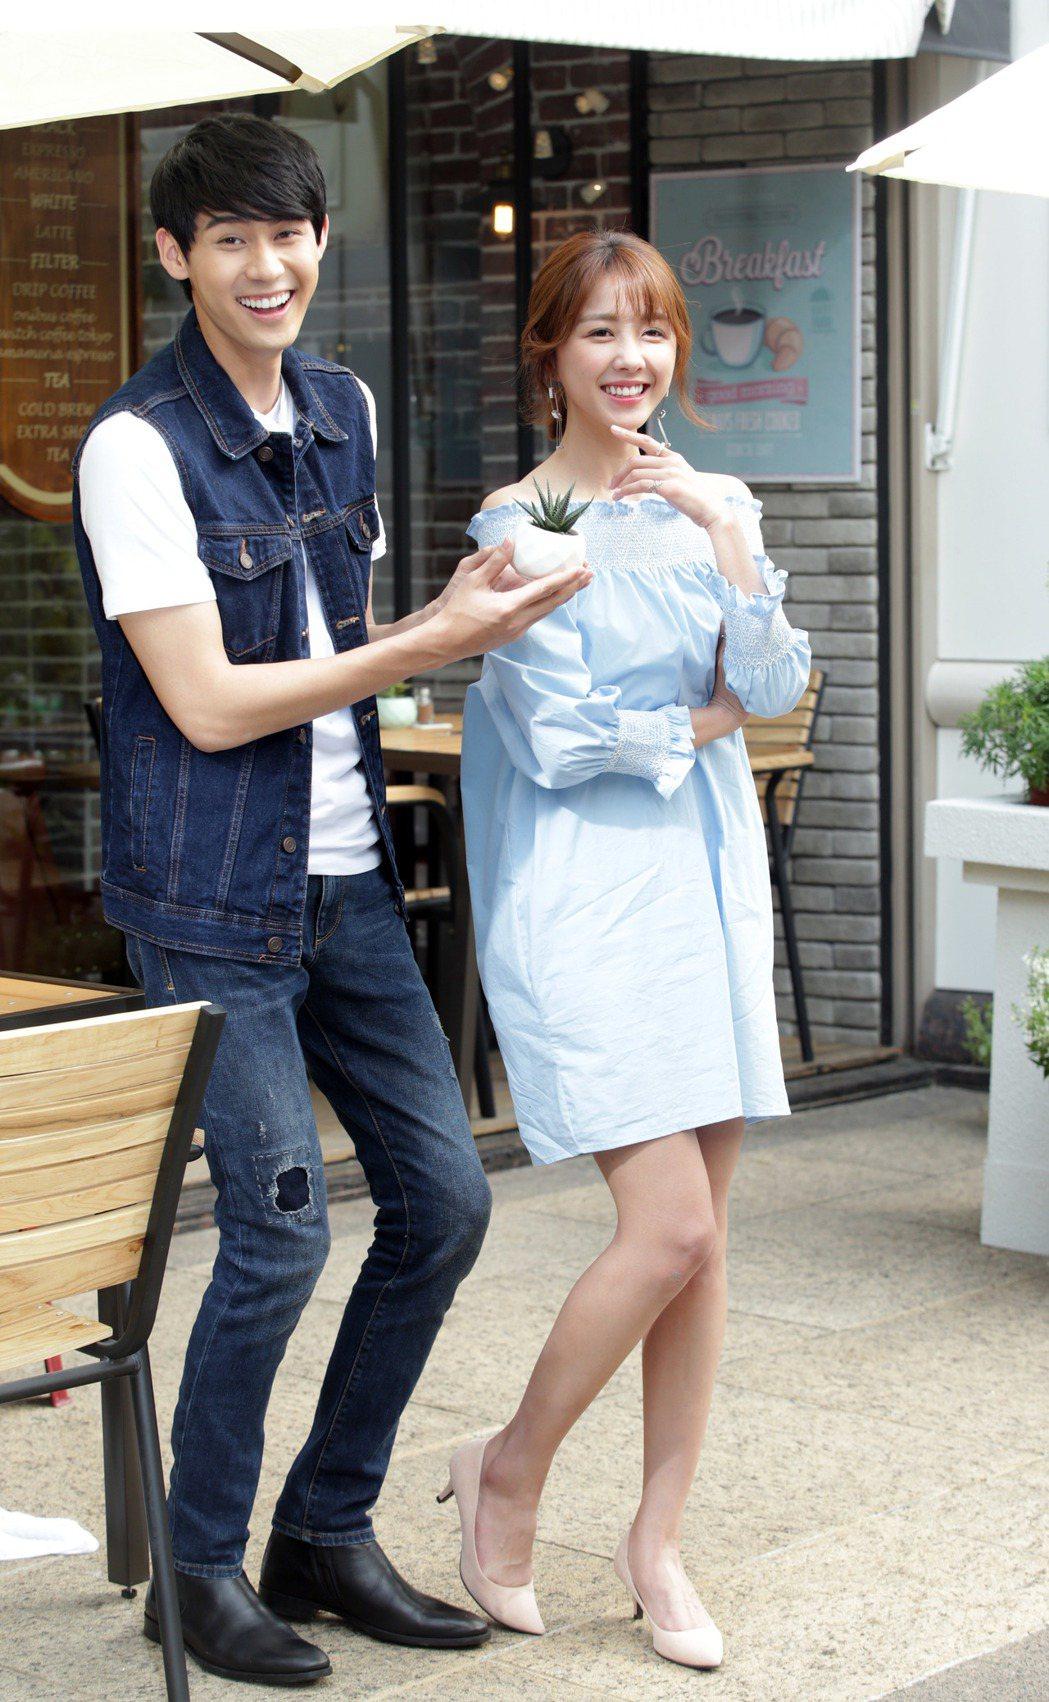 邵雨薇(右)與李玉璽合拍飲料廣告。記者陳瑞源/攝影